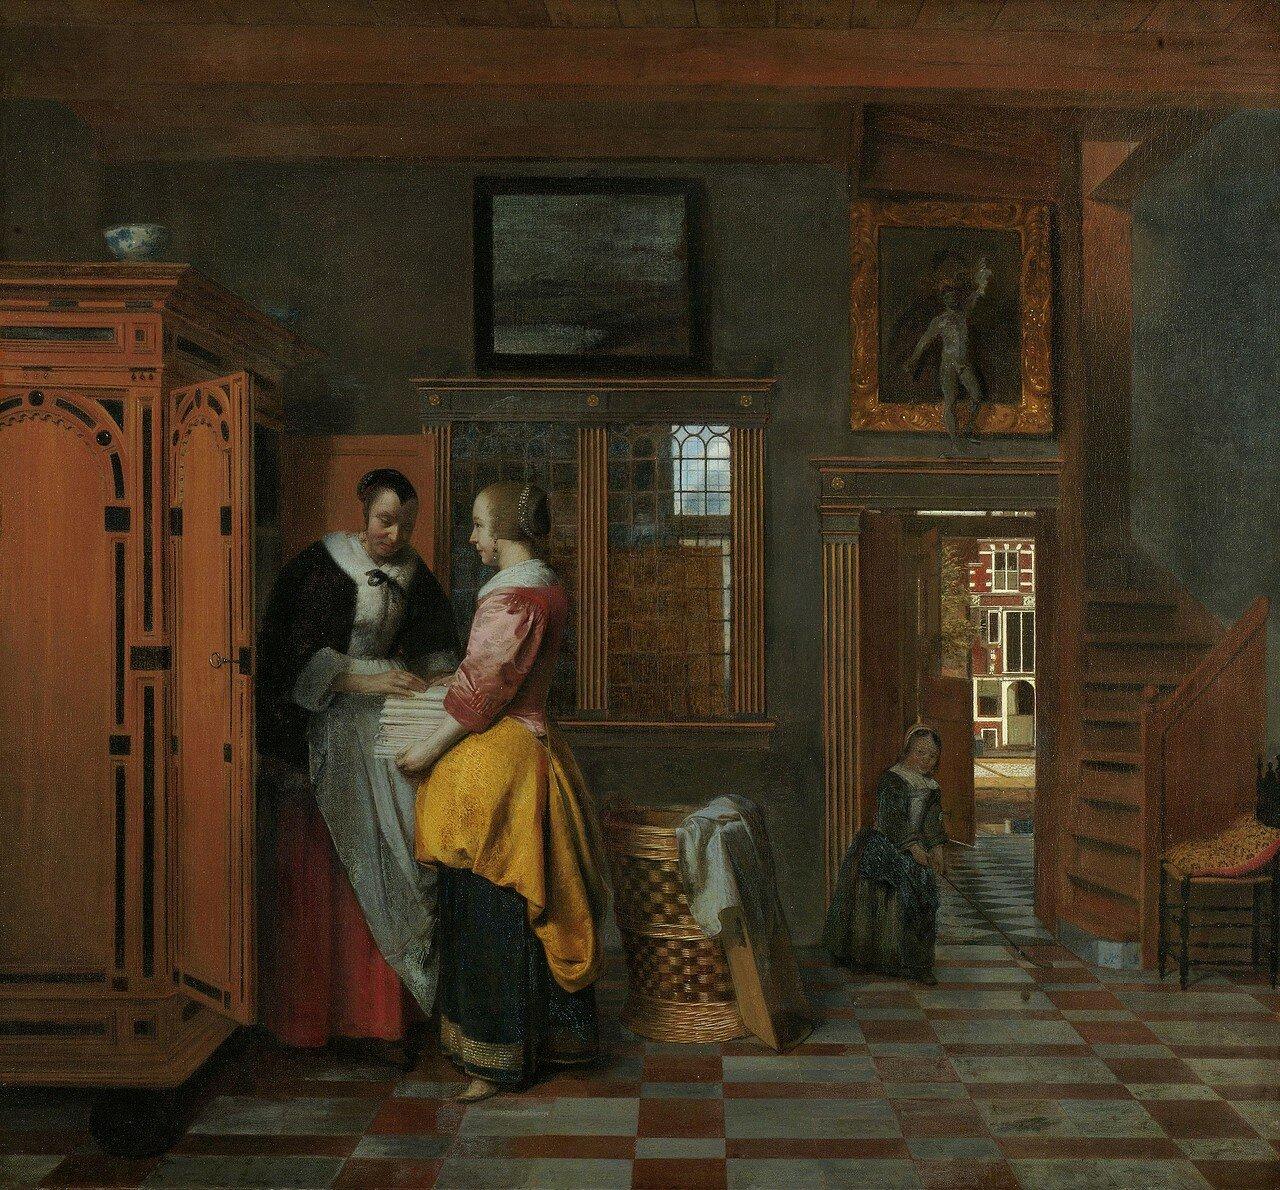 Pieter_de_Hooch_-_At_the_Linen_Closet.jpg